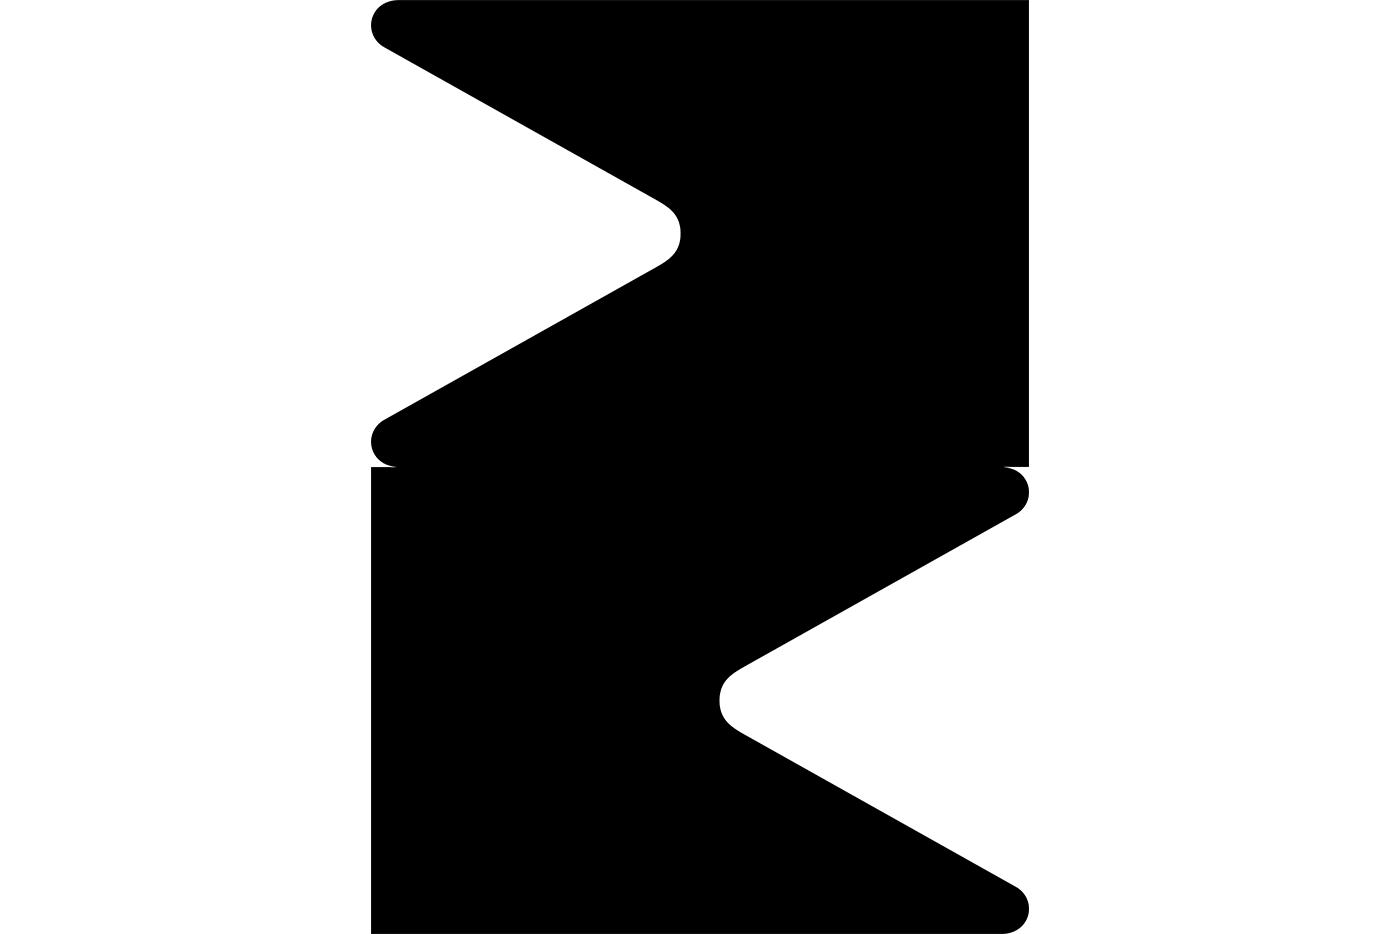 projects/April2019/YaHVBZCzTpFTXHSiAgsu.png